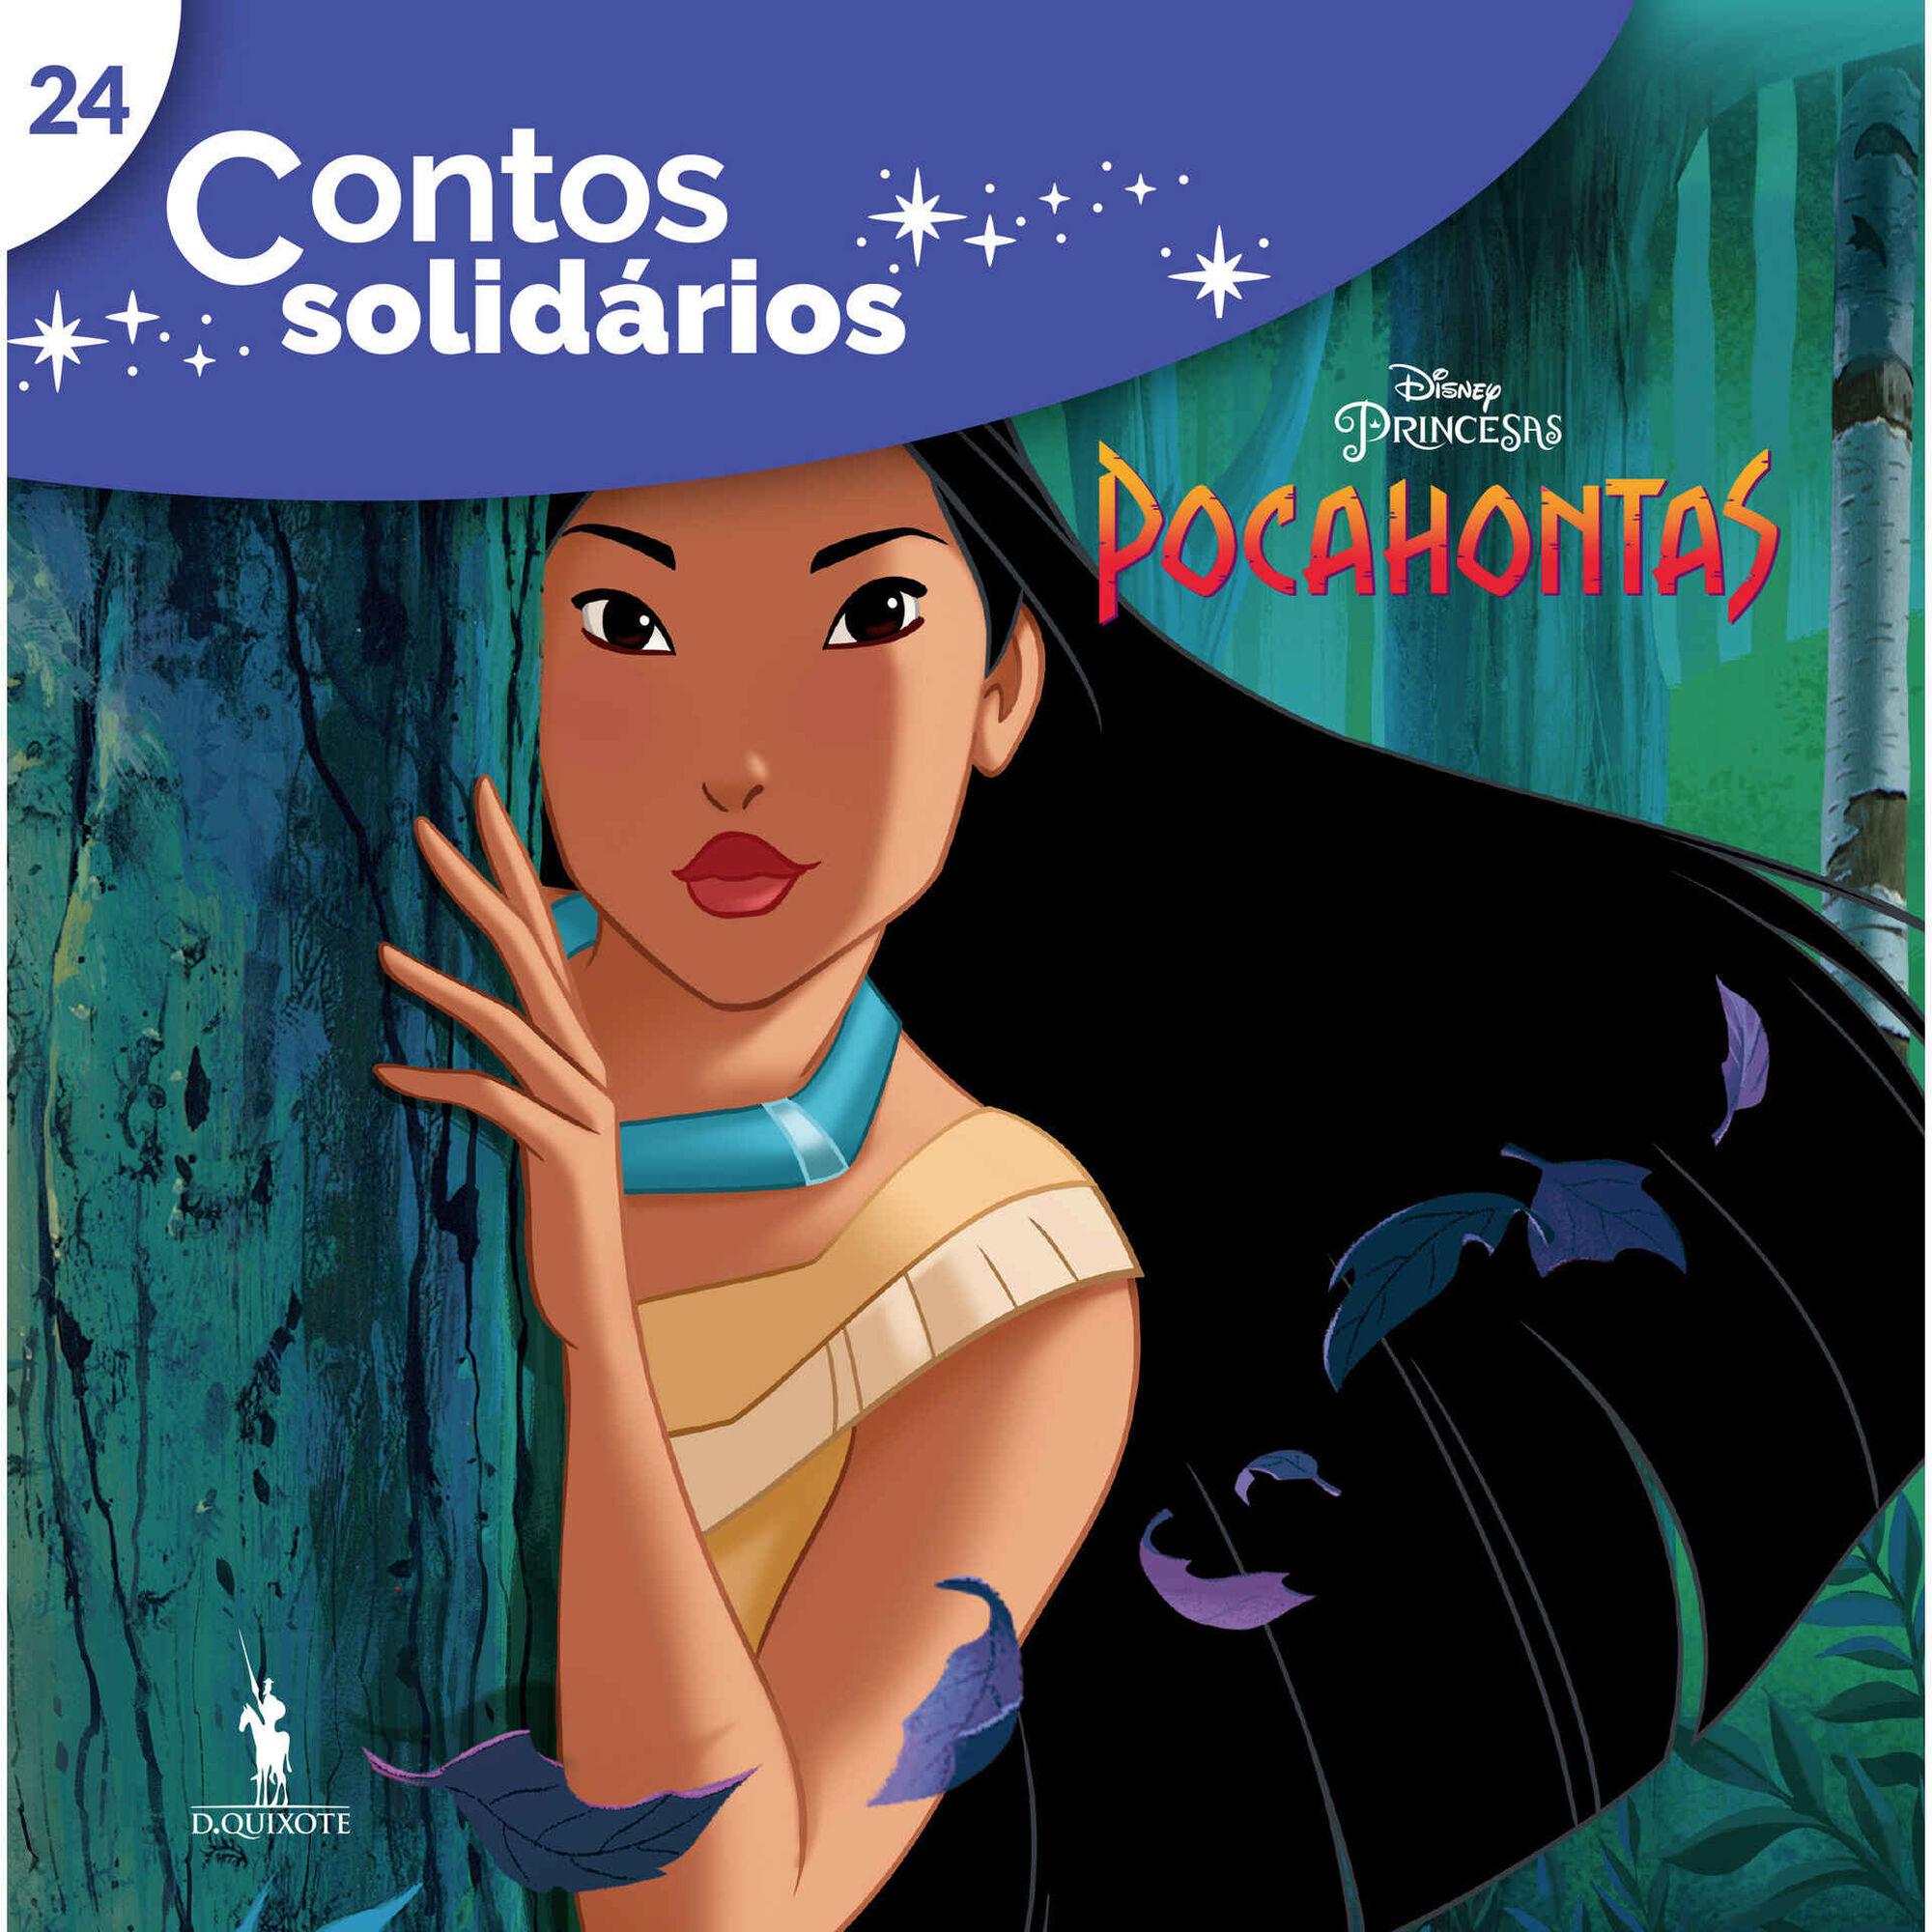 Contos Solidários 24 - Pocahontas